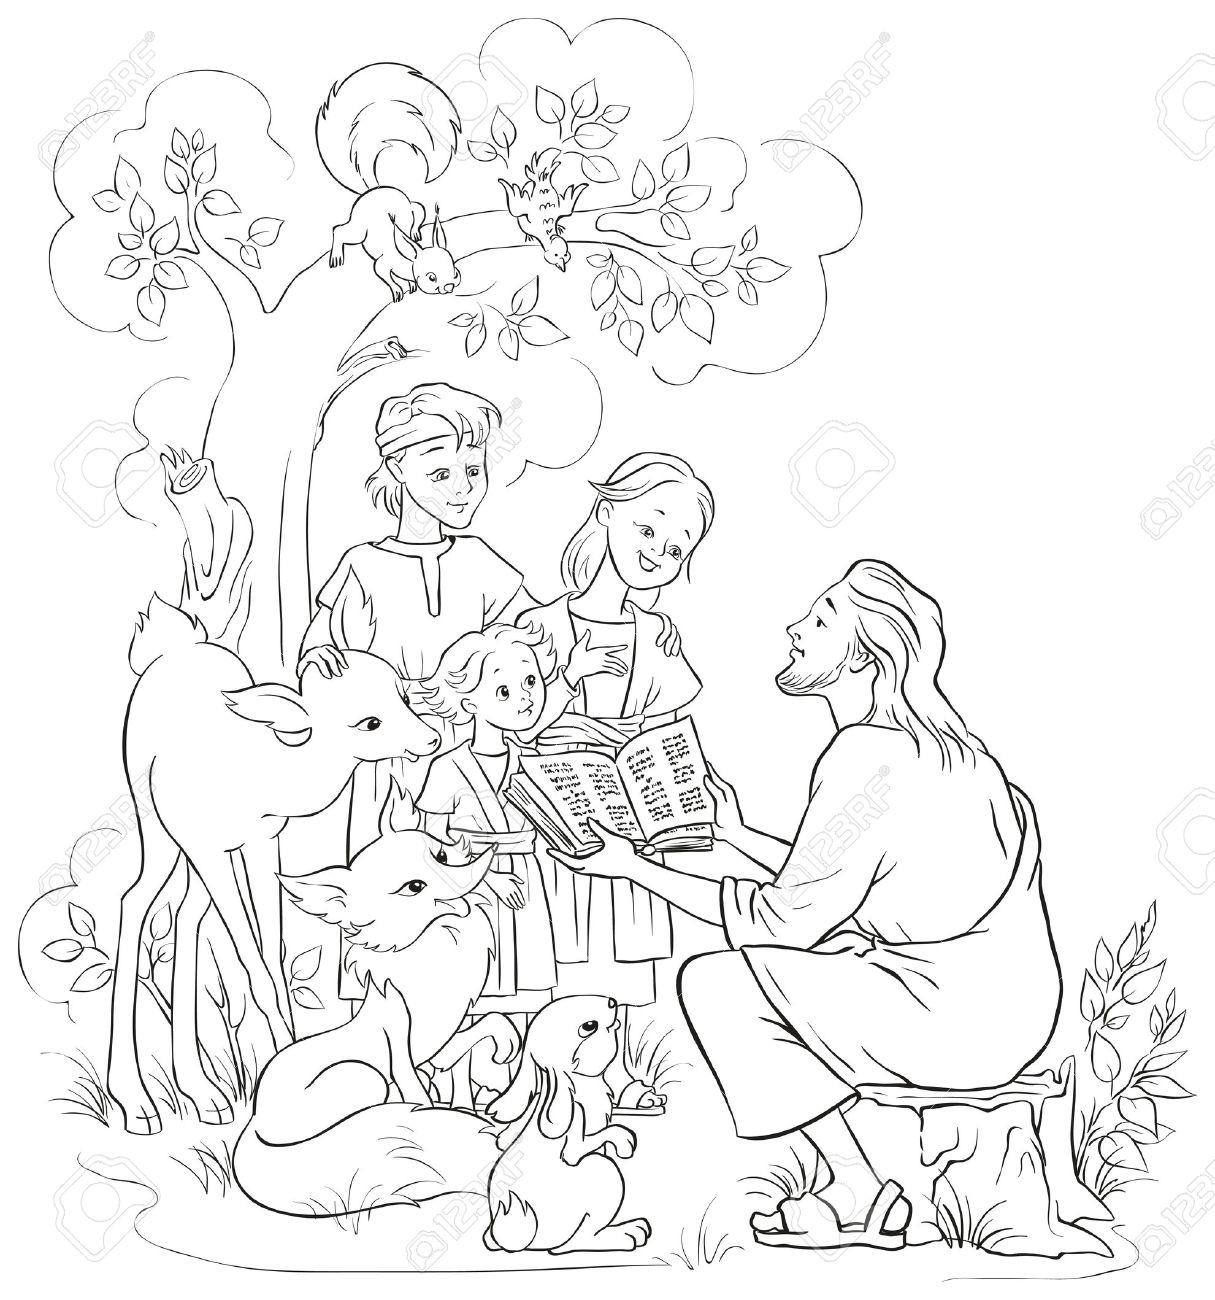 Jesús Con Los Niños Y Animales Dibujo Para Colorear Ilustraciones